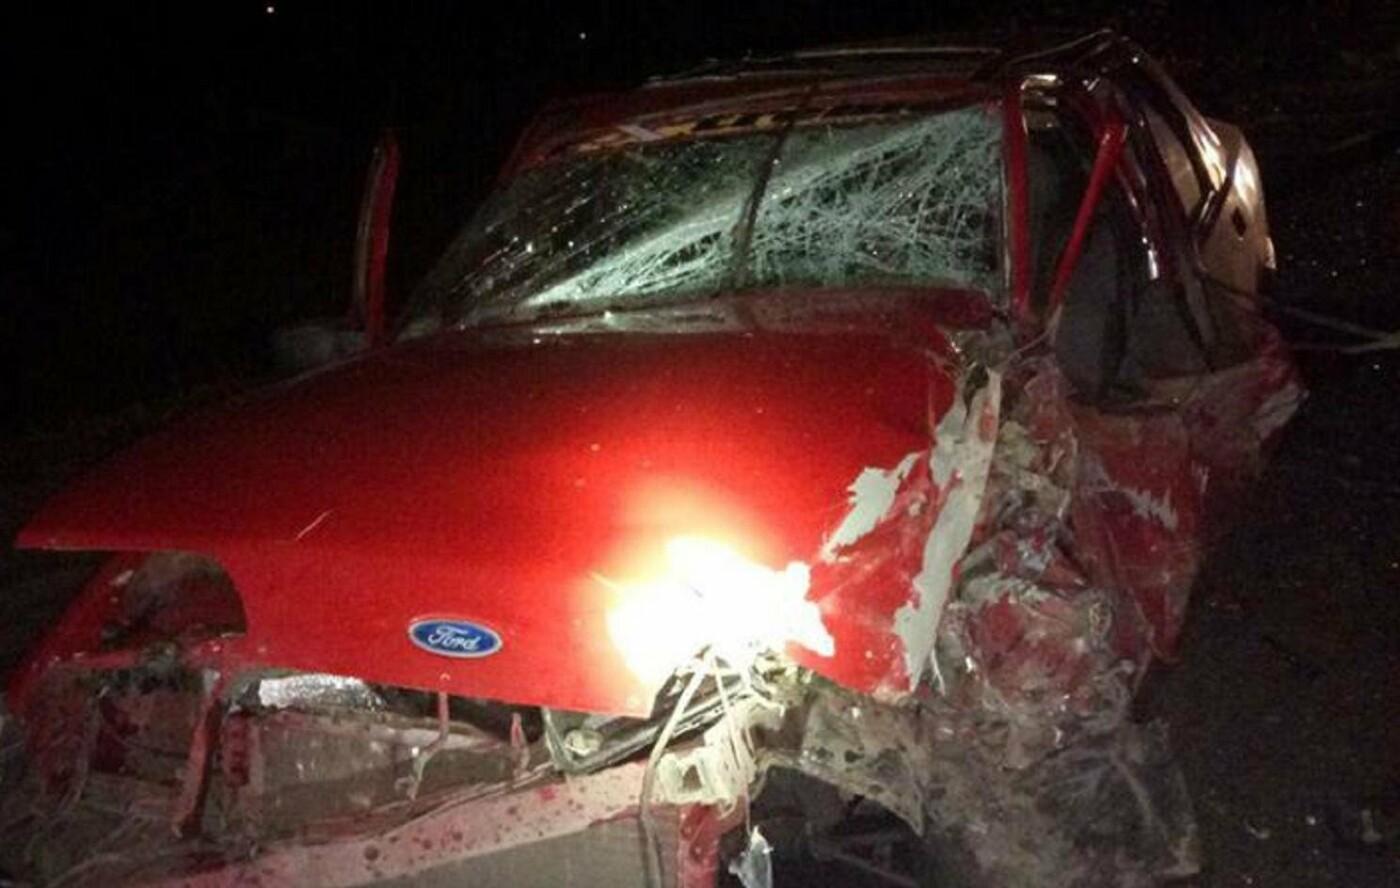 Моторошне зіткнення автомобілів у Хмельницькому: в аварії постраждала дитина (Фото), фото-5